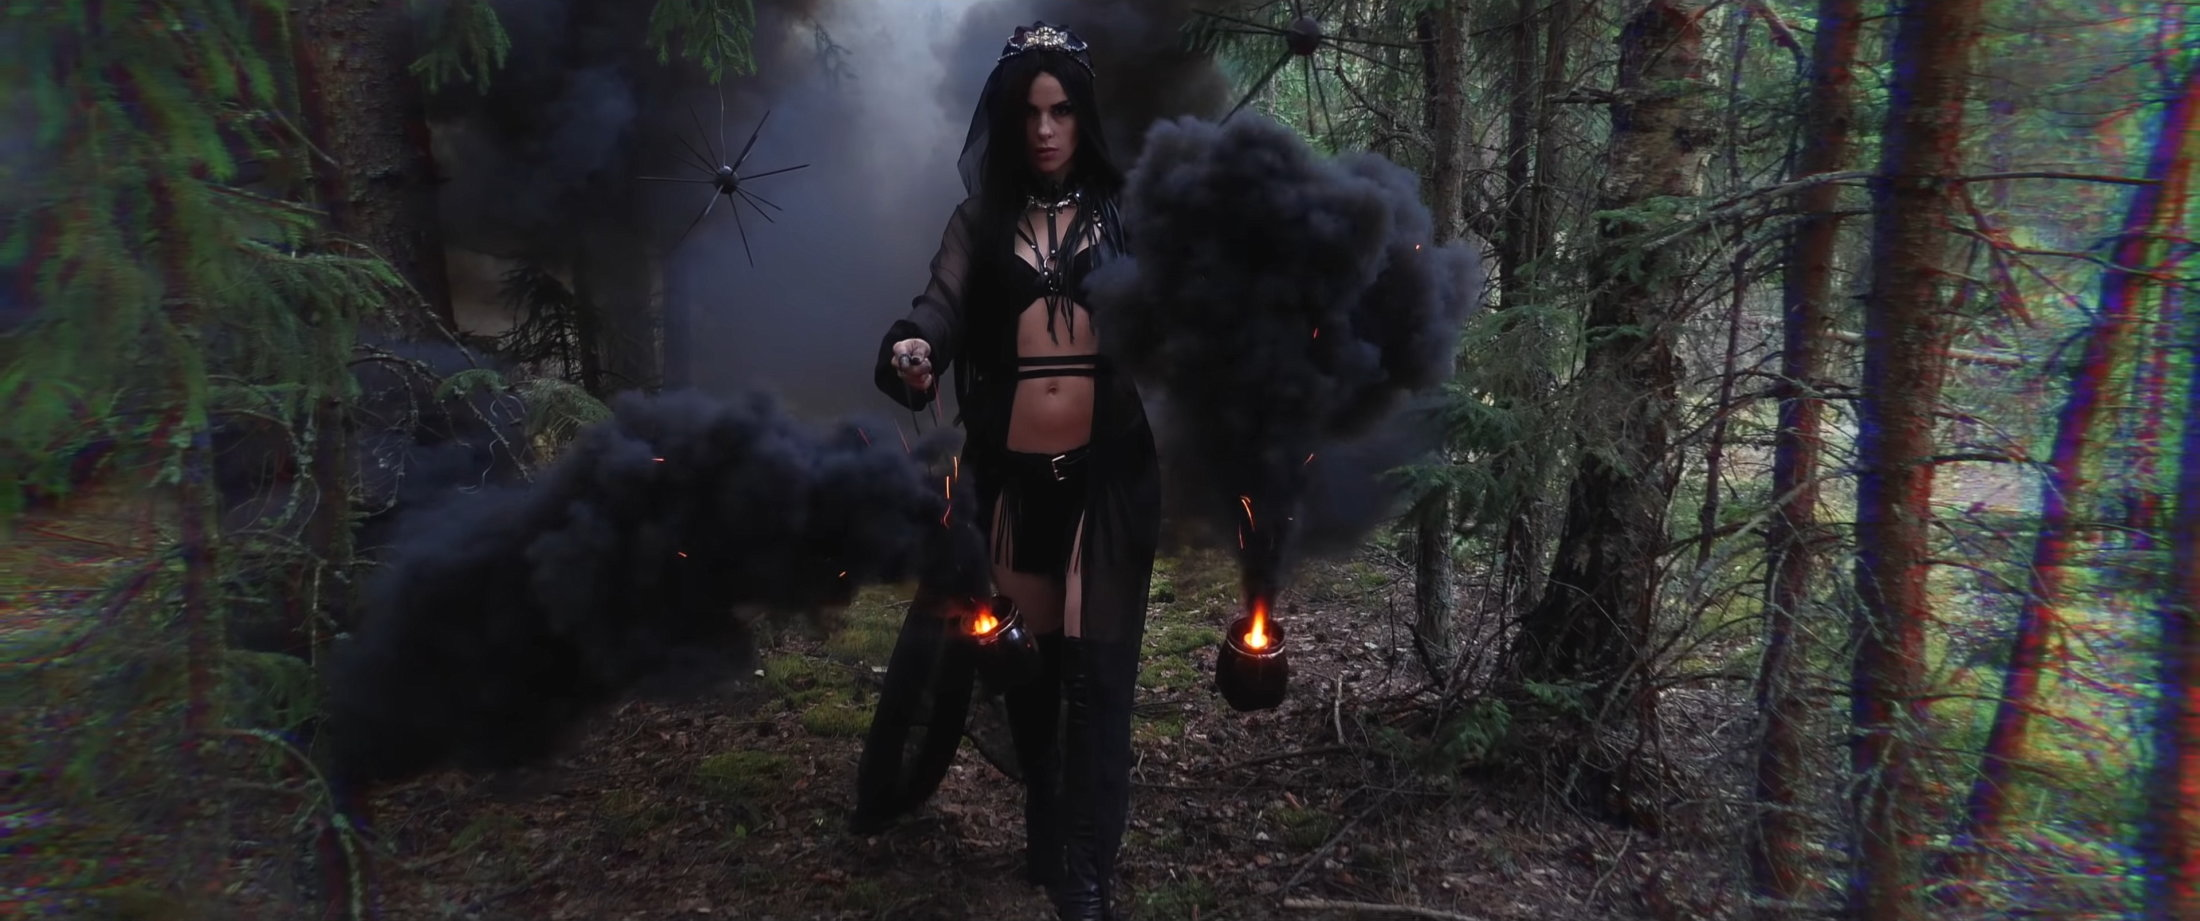 OMNIMAR - Feels Like Velvet (Official Video) 4-23 Screenshot